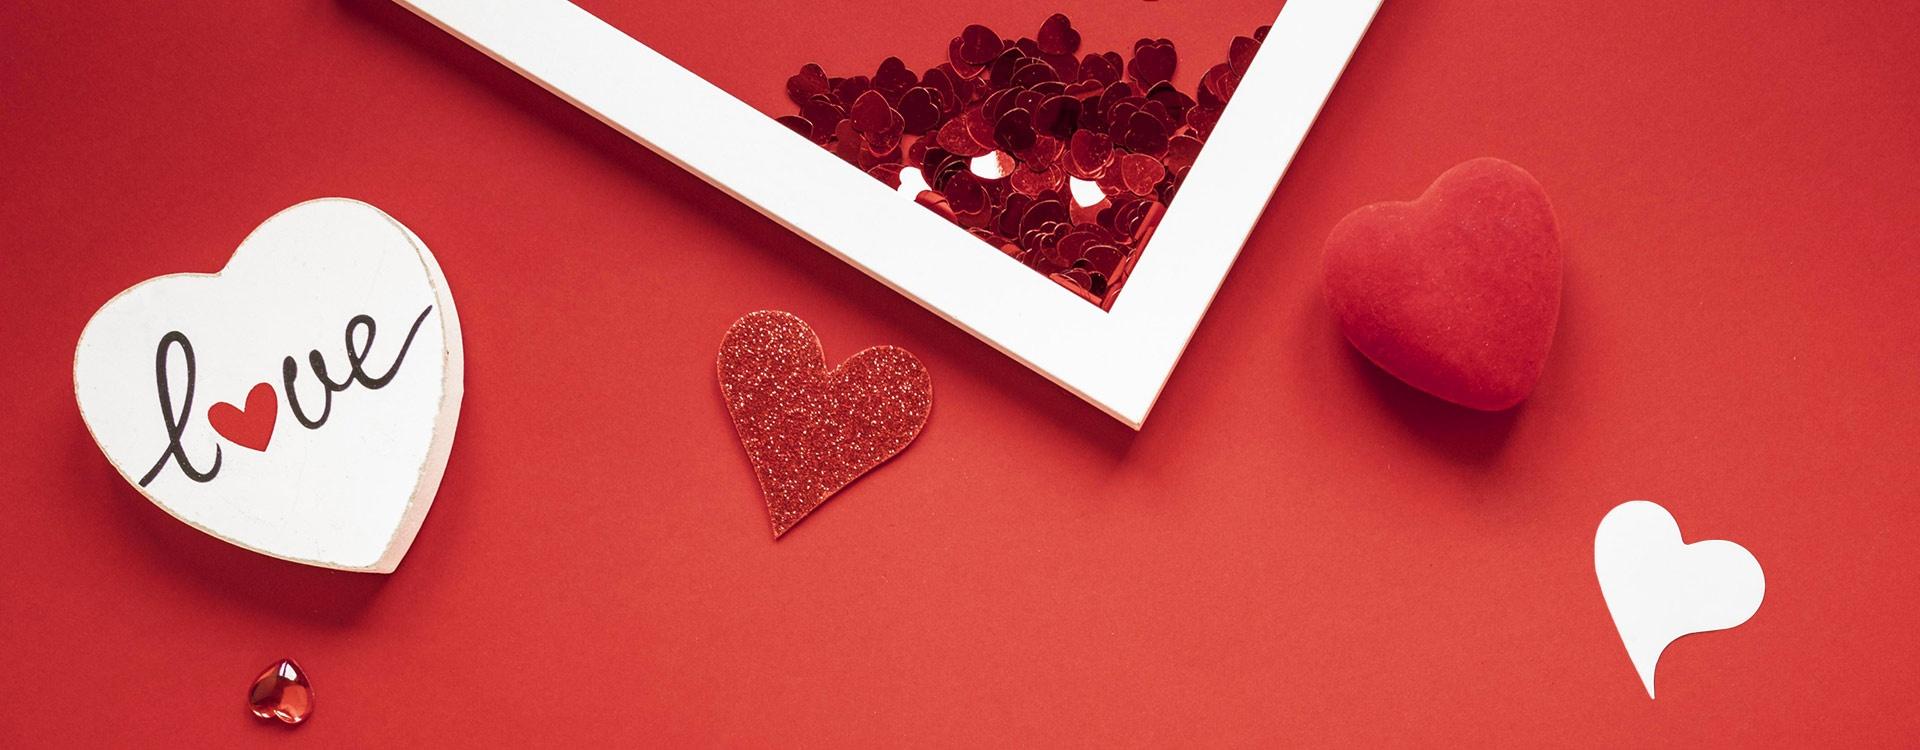 Zniżki walentynkowe - znajdź prezent dla niej lub dla niego!